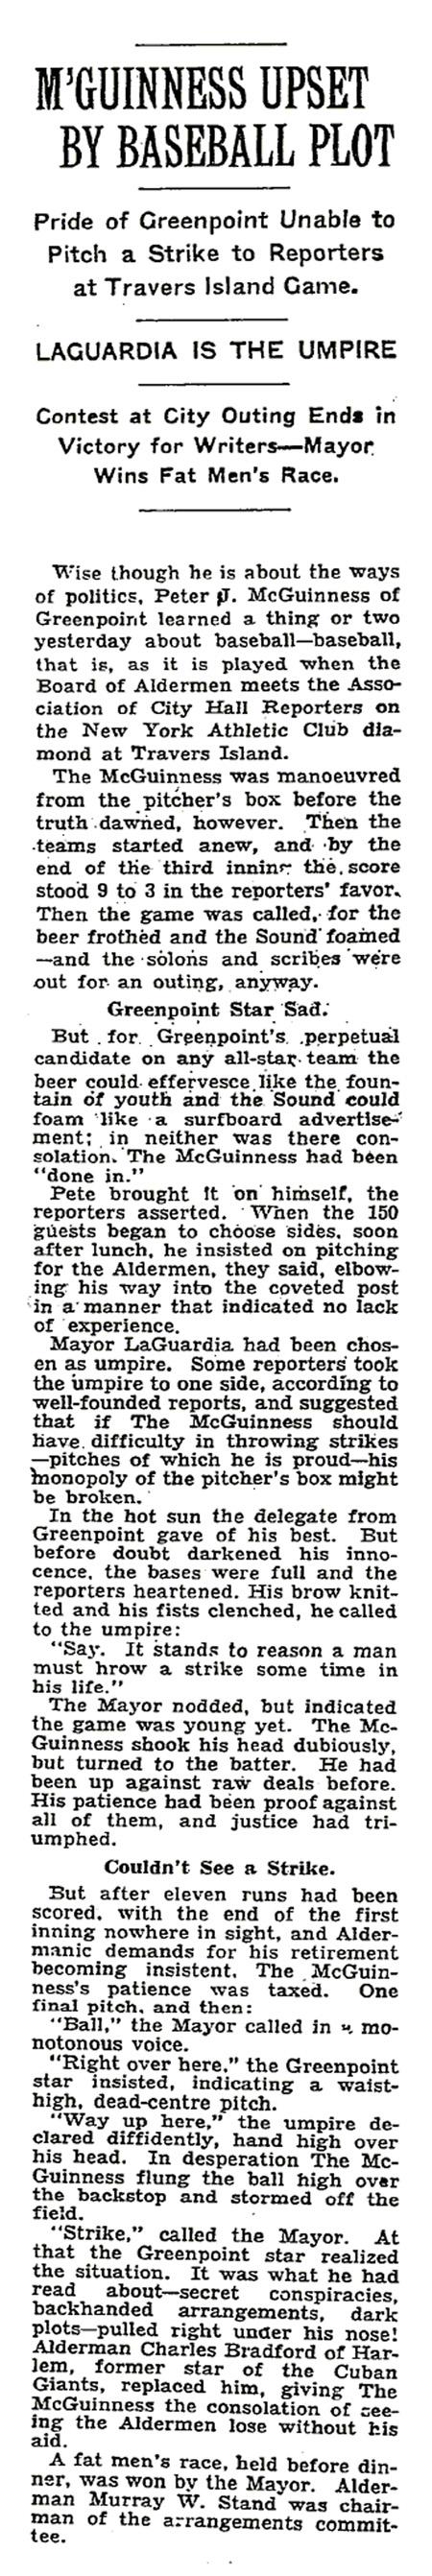 July 13, 1934 NYT